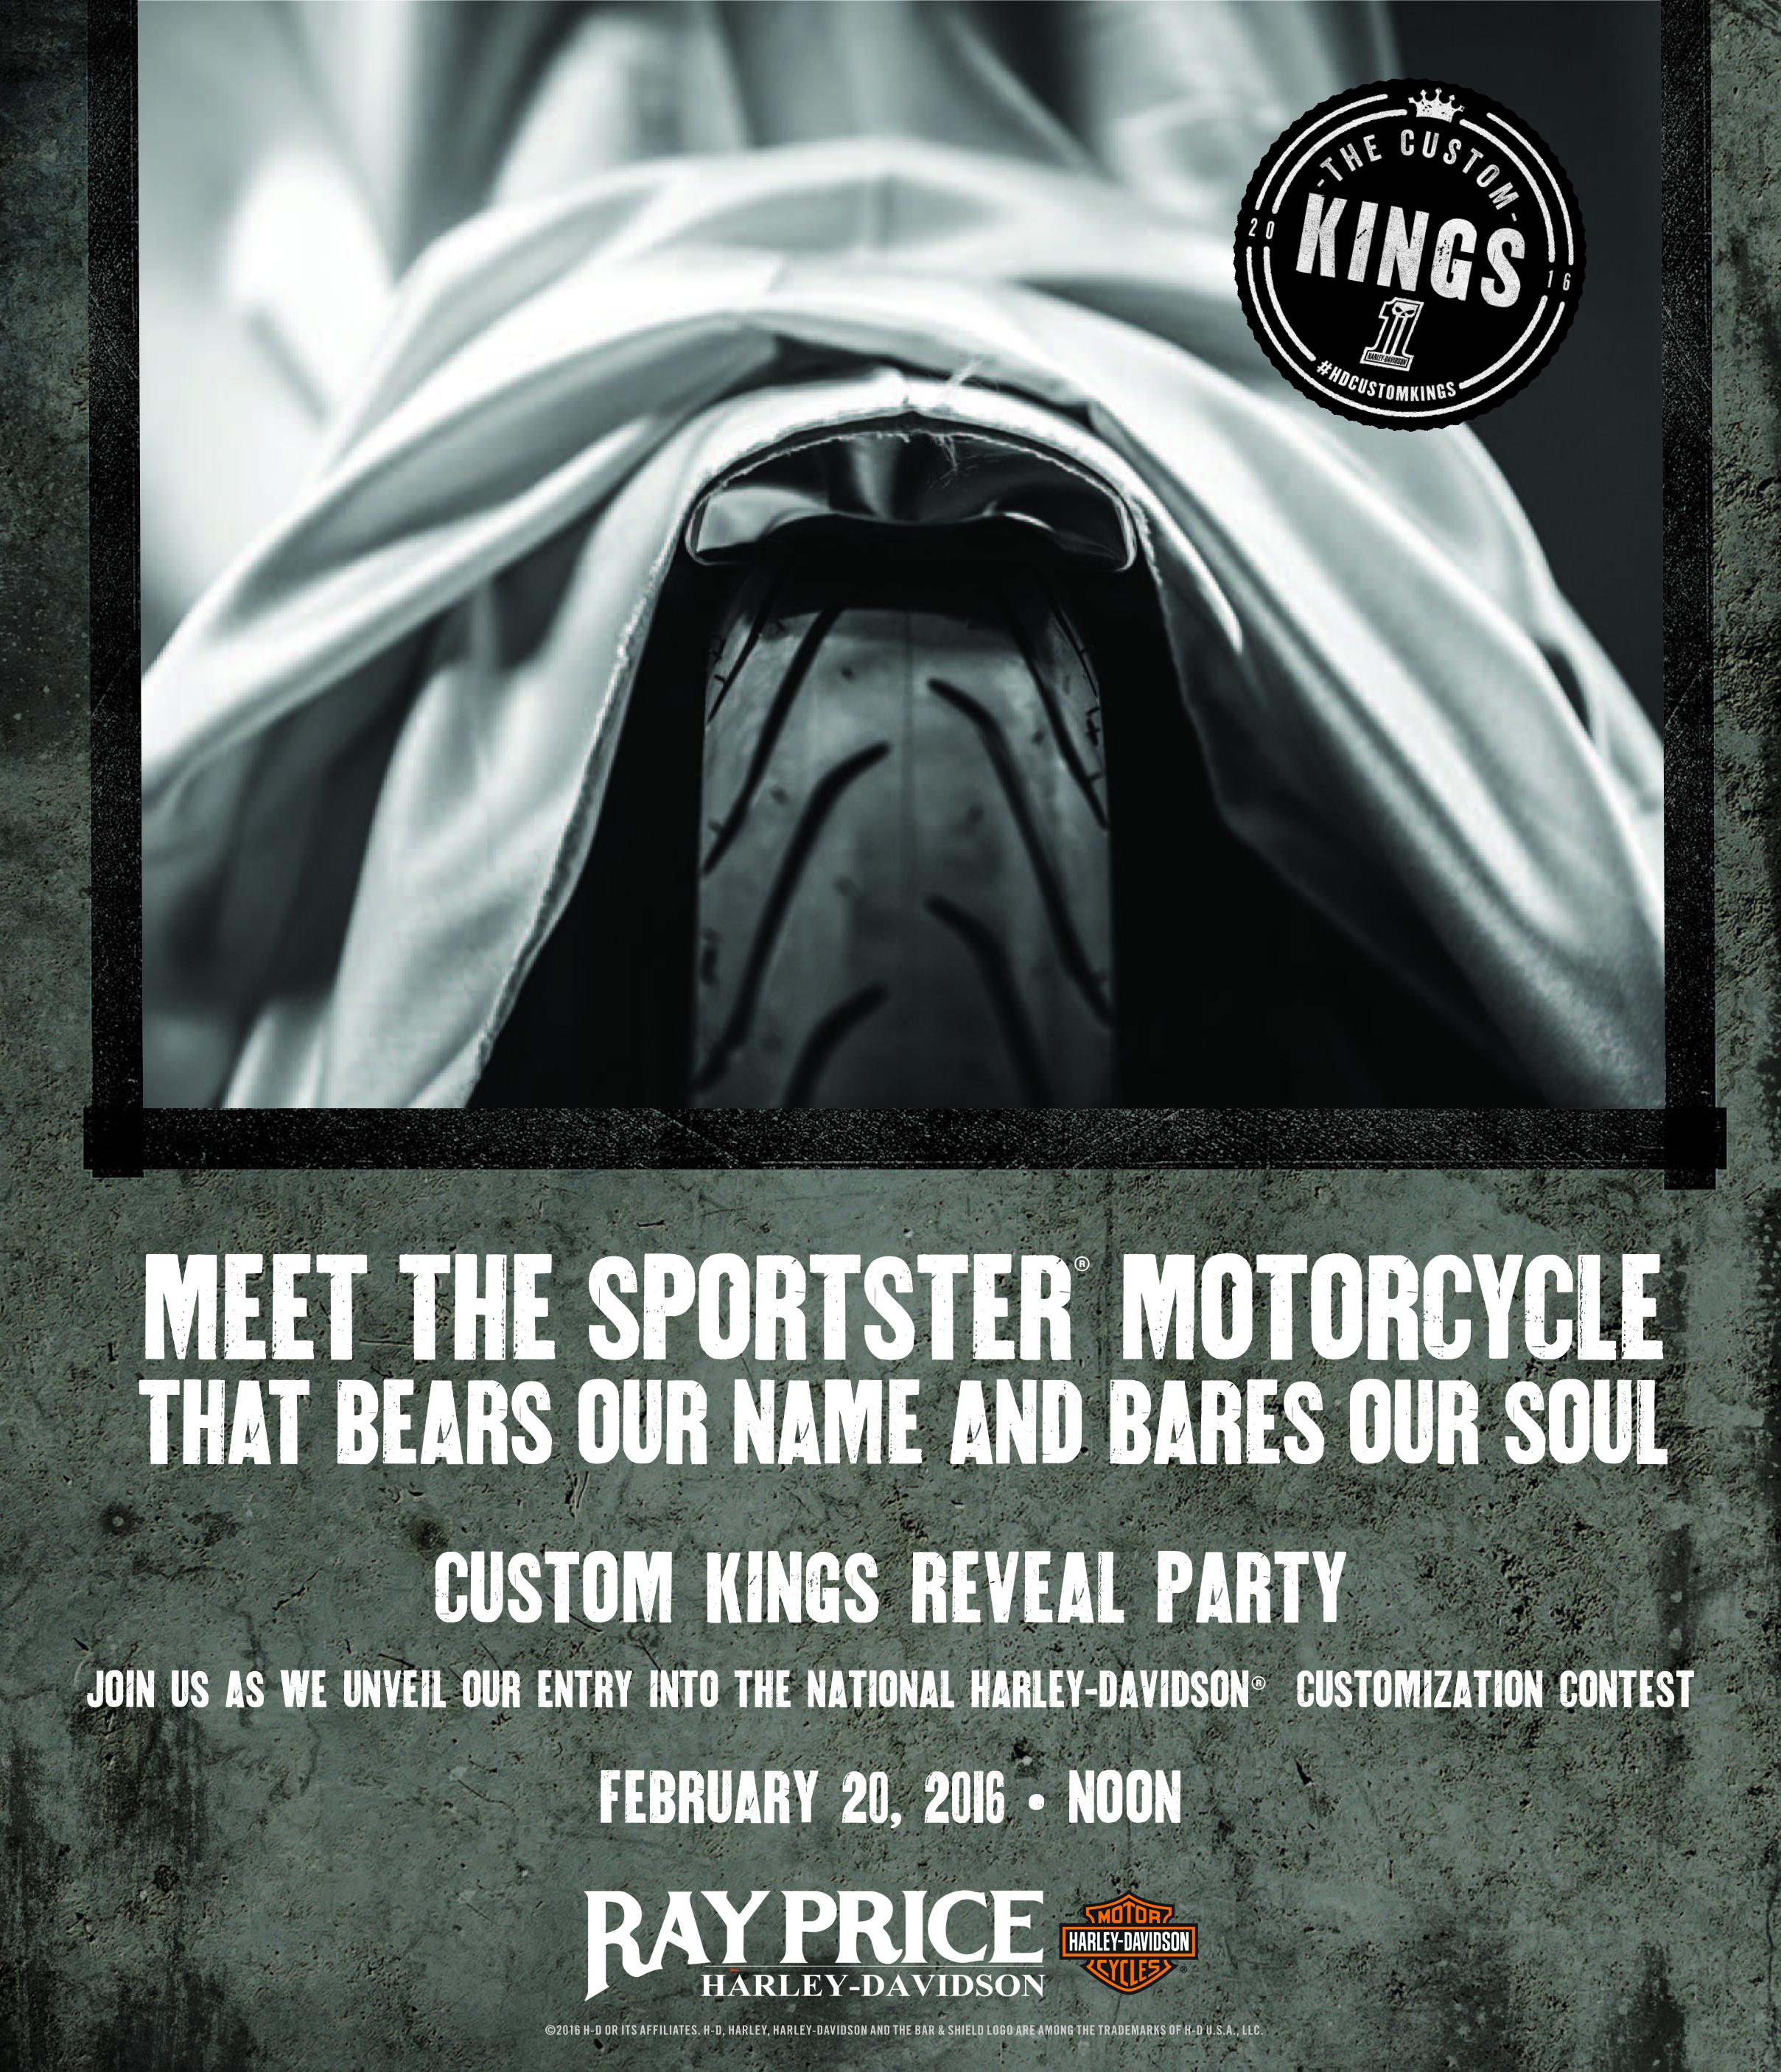 Custom Kings Reveal Party